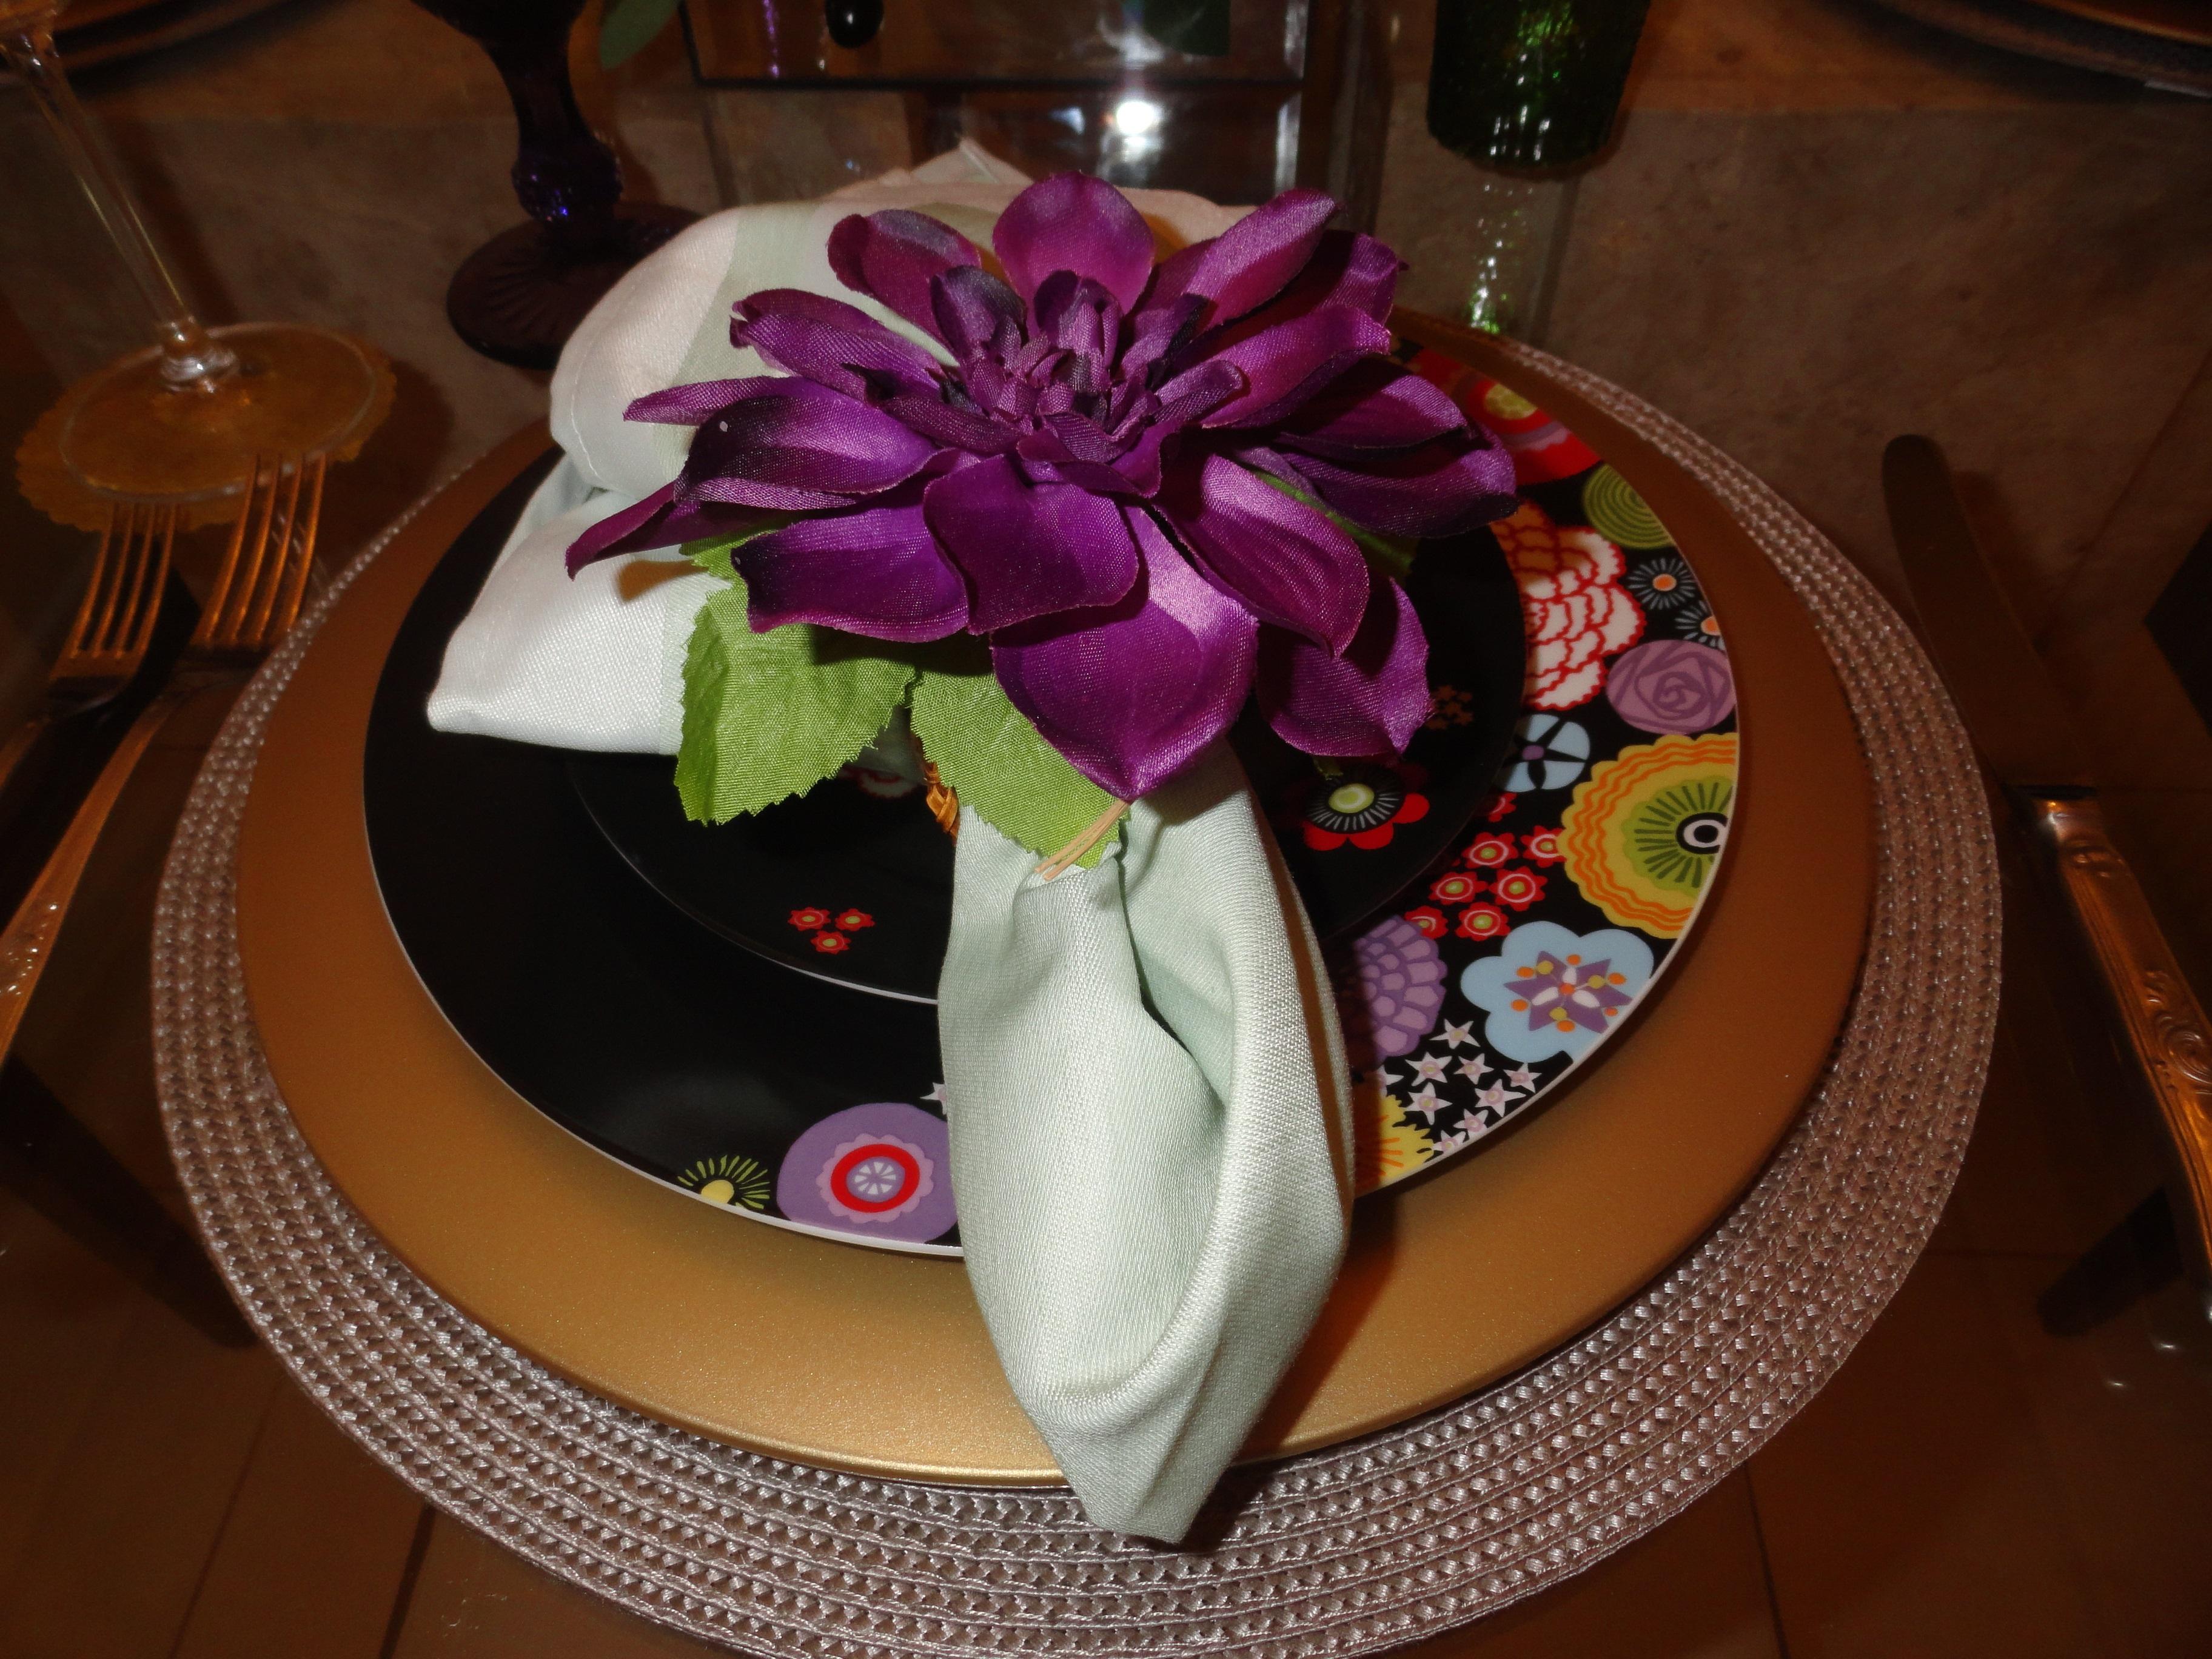 aparelho de jantar escolhido foi preto com estampas em flores  #30170E 3648x2736